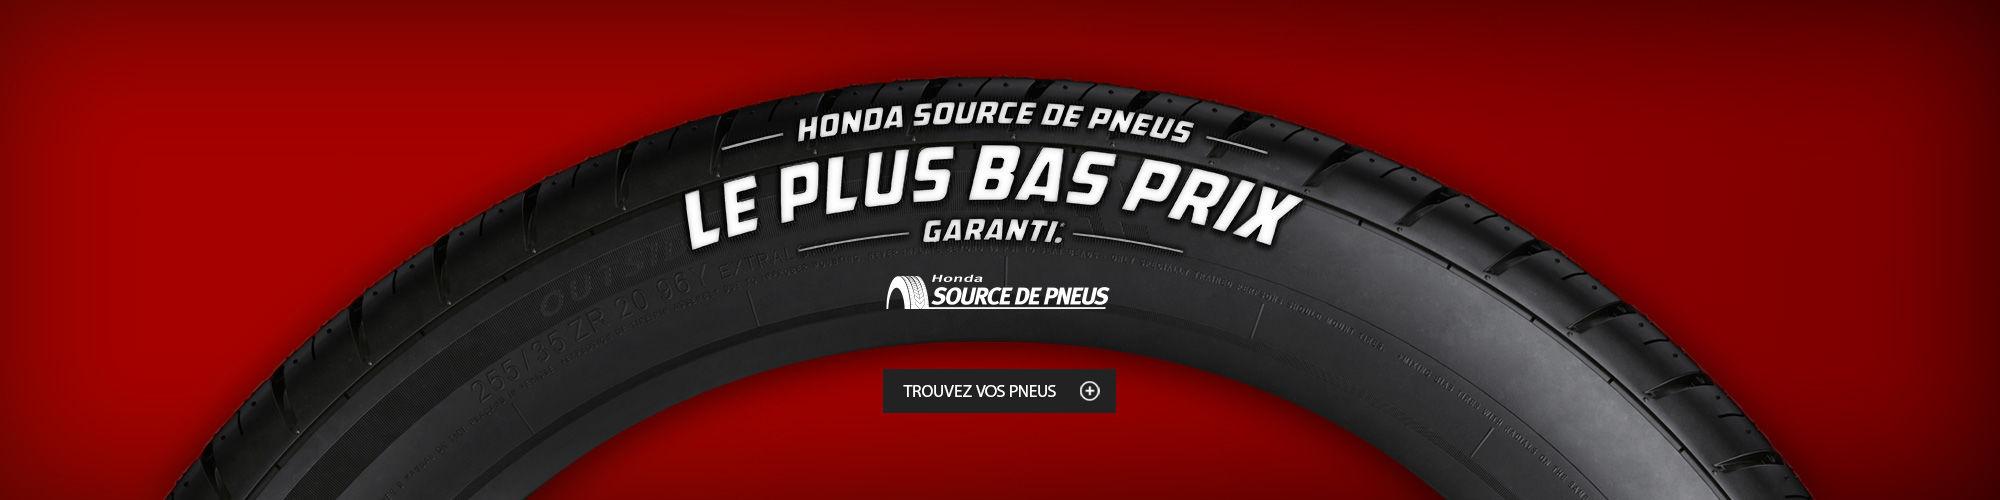 Honda source de pneus - Le plus bas prix